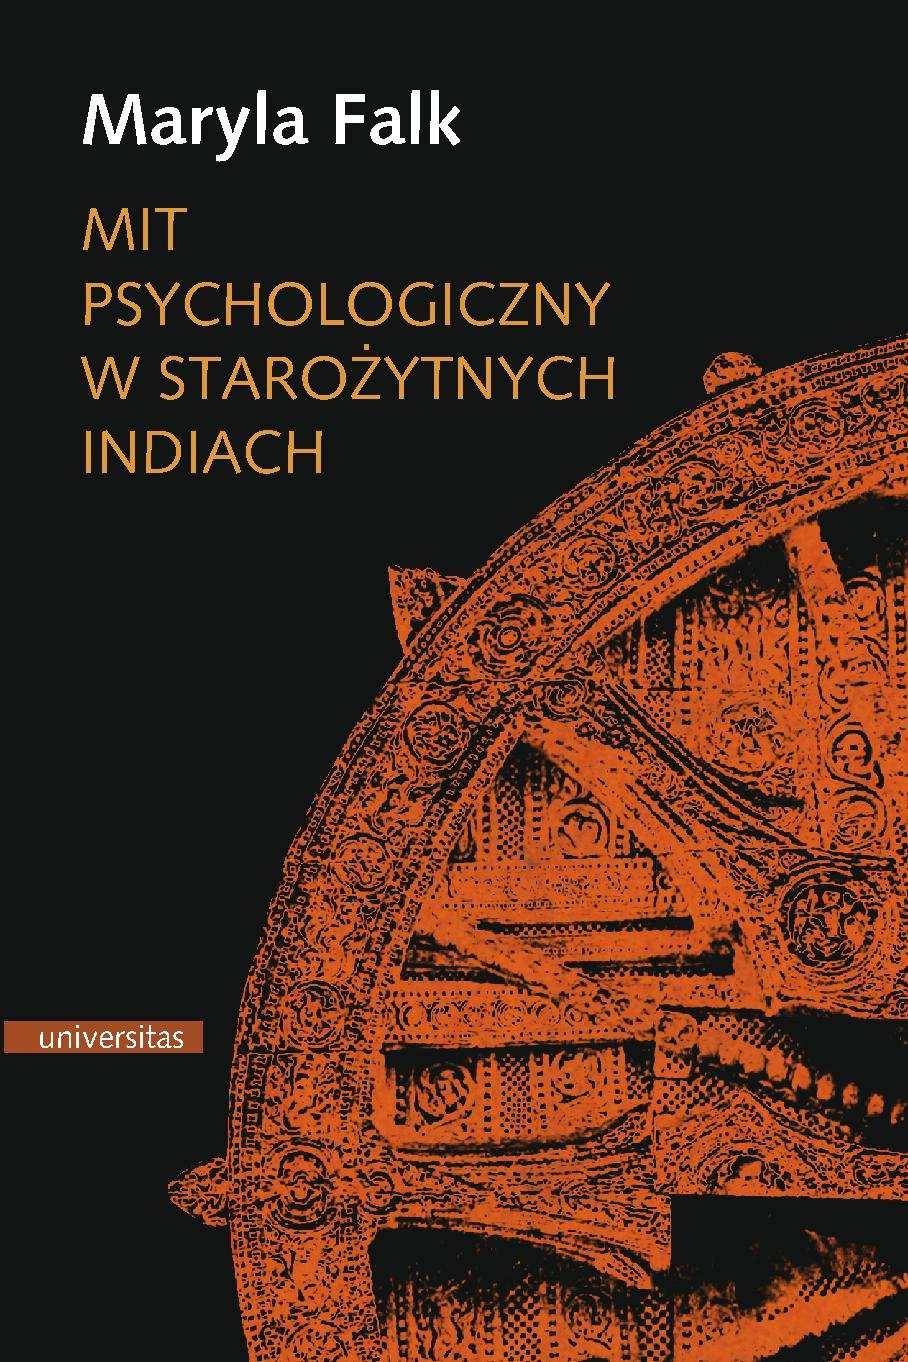 Mit psychologiczny w starożytnych Indiach - Ebook (Książka PDF) do pobrania w formacie PDF